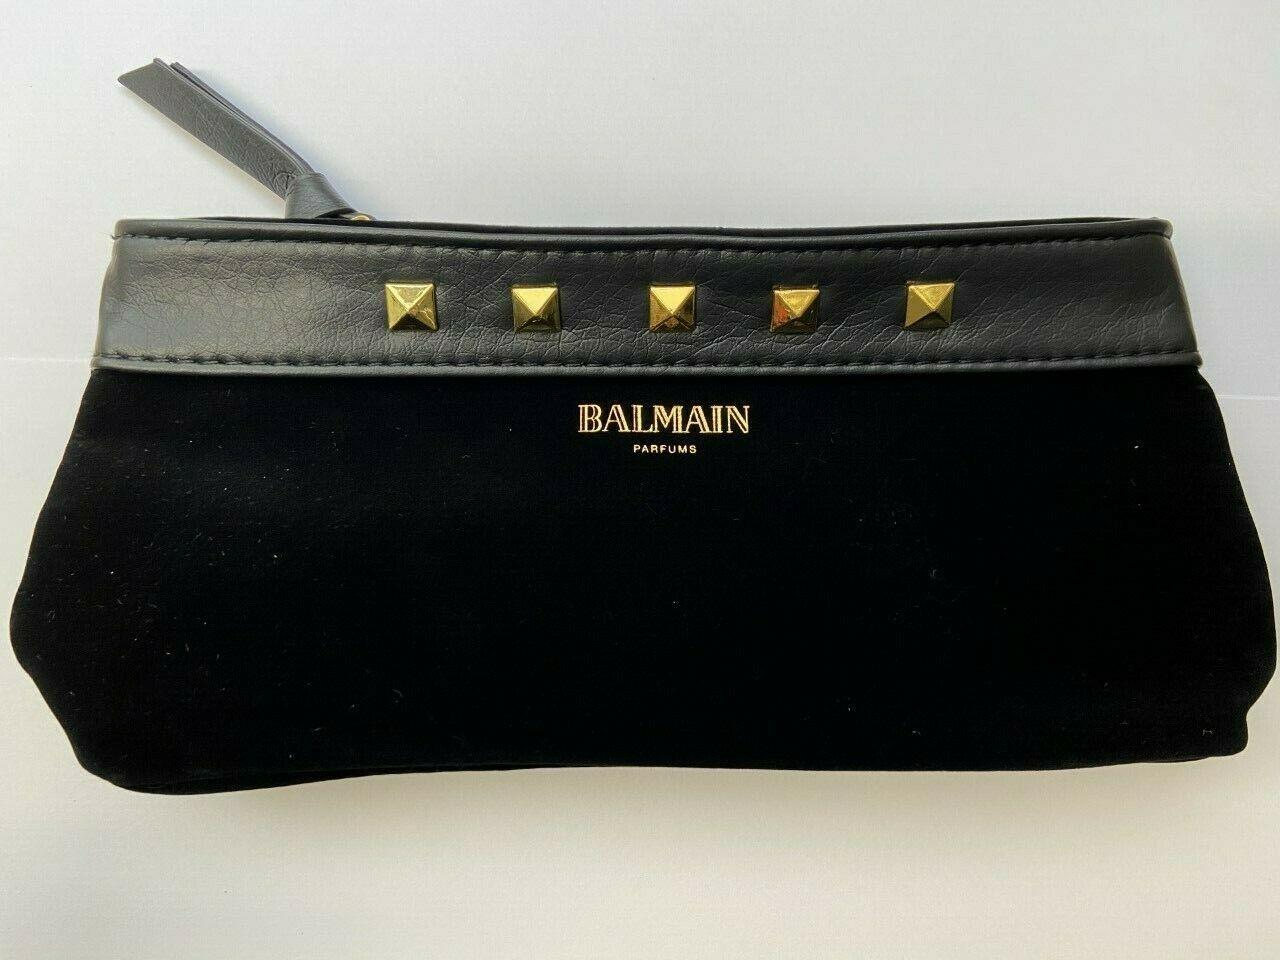 10 x Pierre Balmain Makeup Bag Vintage Style Designer Mini Clutch Pouch